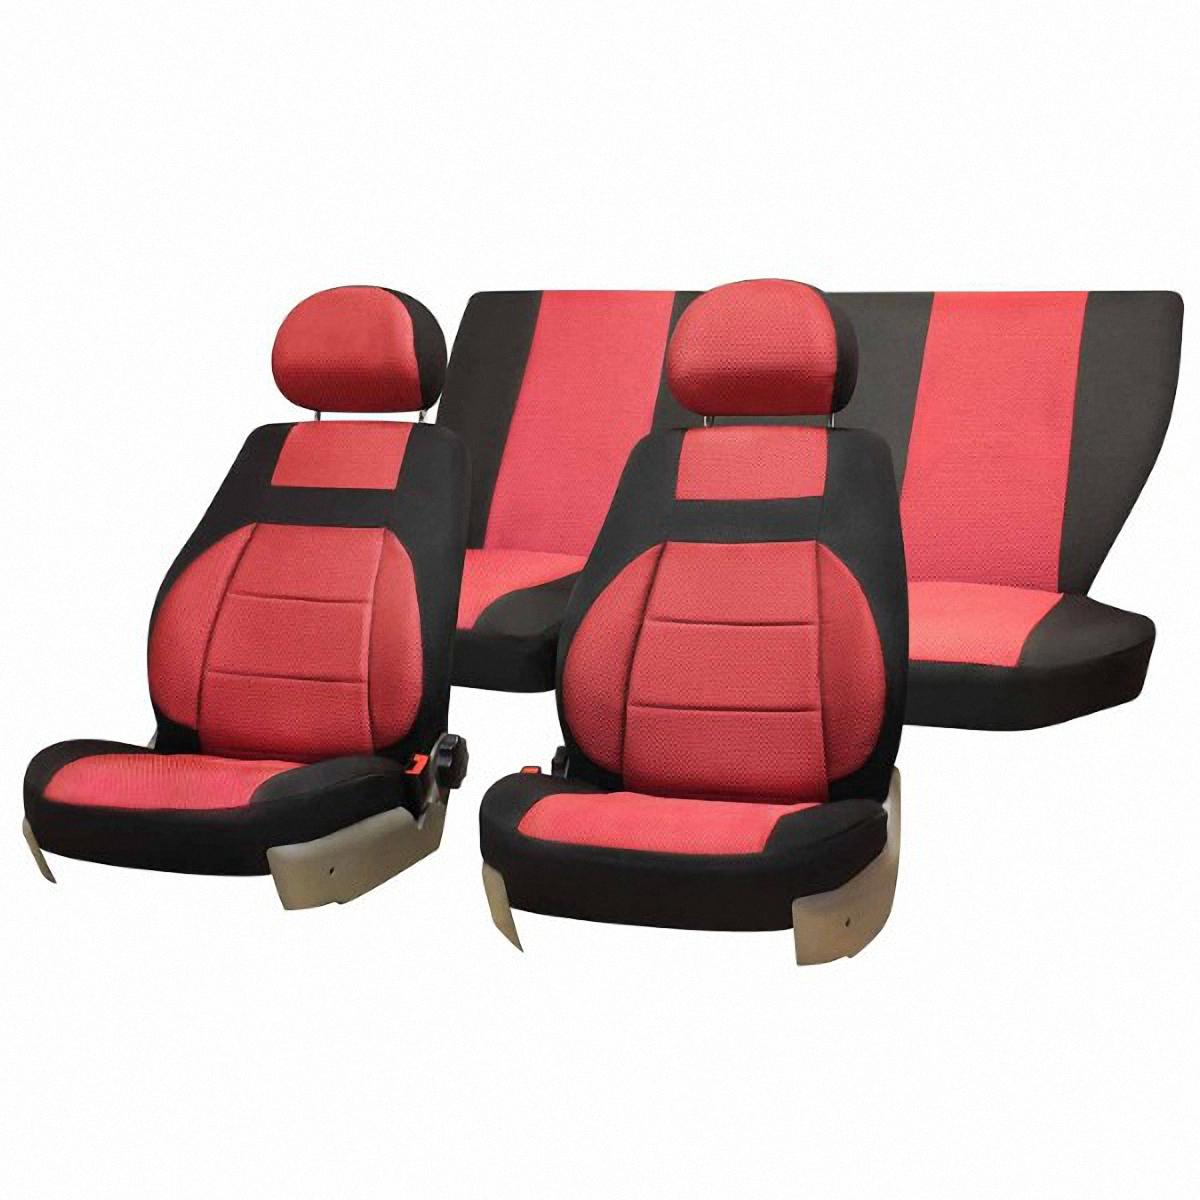 Фото - Чехлы автомобильные Skyway, для Lada Granta, цвет: красный, черный чехлы для приставок